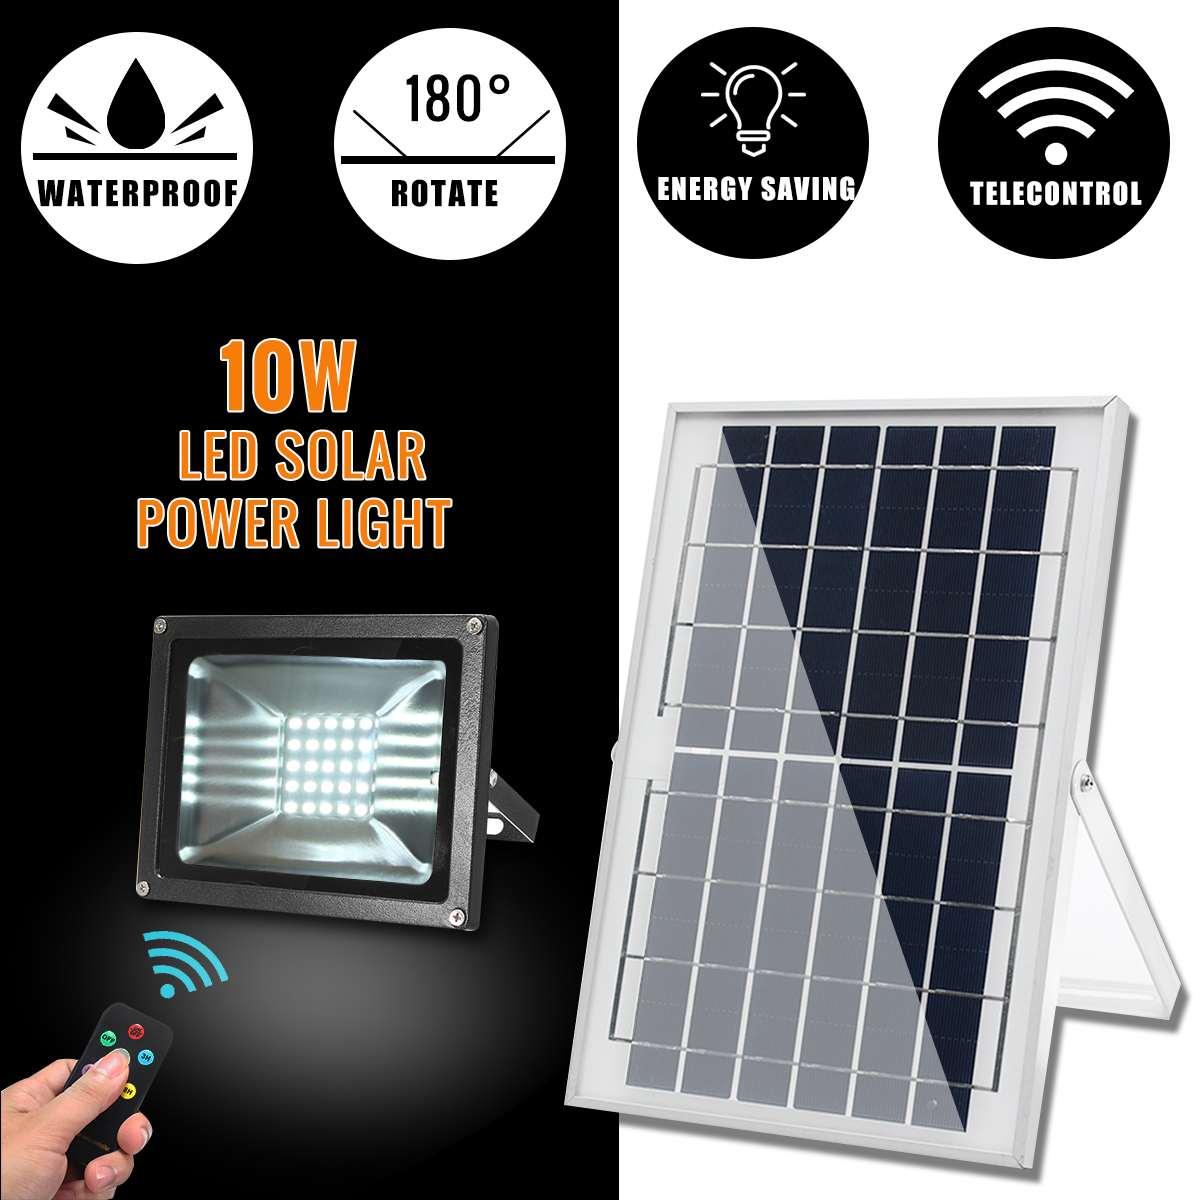 Smuxi IP65 10 Вт светодиодный солнечный прожекторная панель Водонепроницаемый для садовых и комнатных растений освещение для внутреннего двора